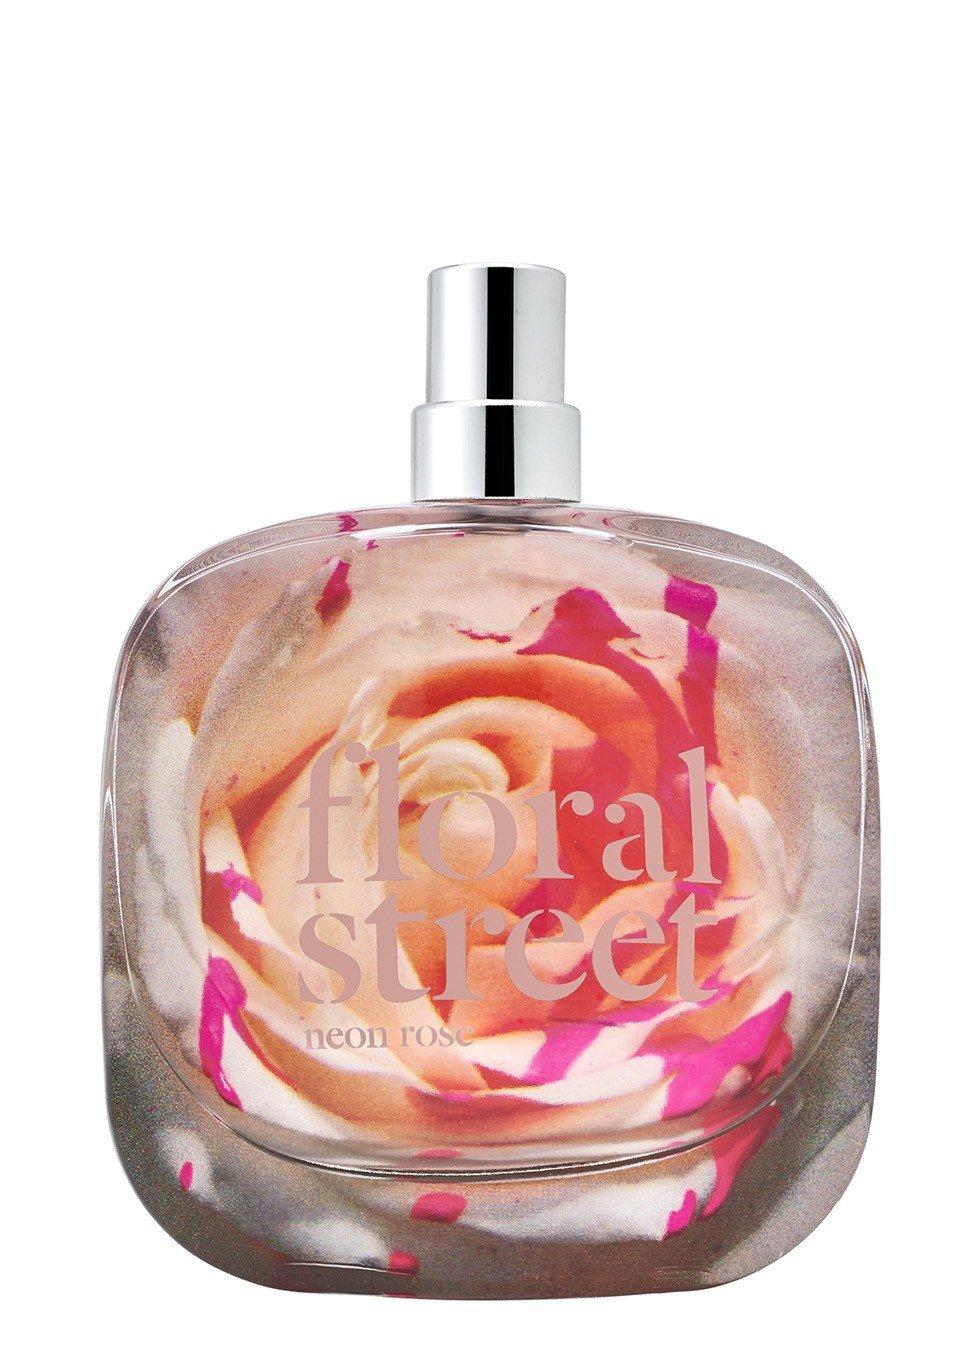 neon rose floral street parfum ein neues parfum f r frauen und m nner 2017. Black Bedroom Furniture Sets. Home Design Ideas